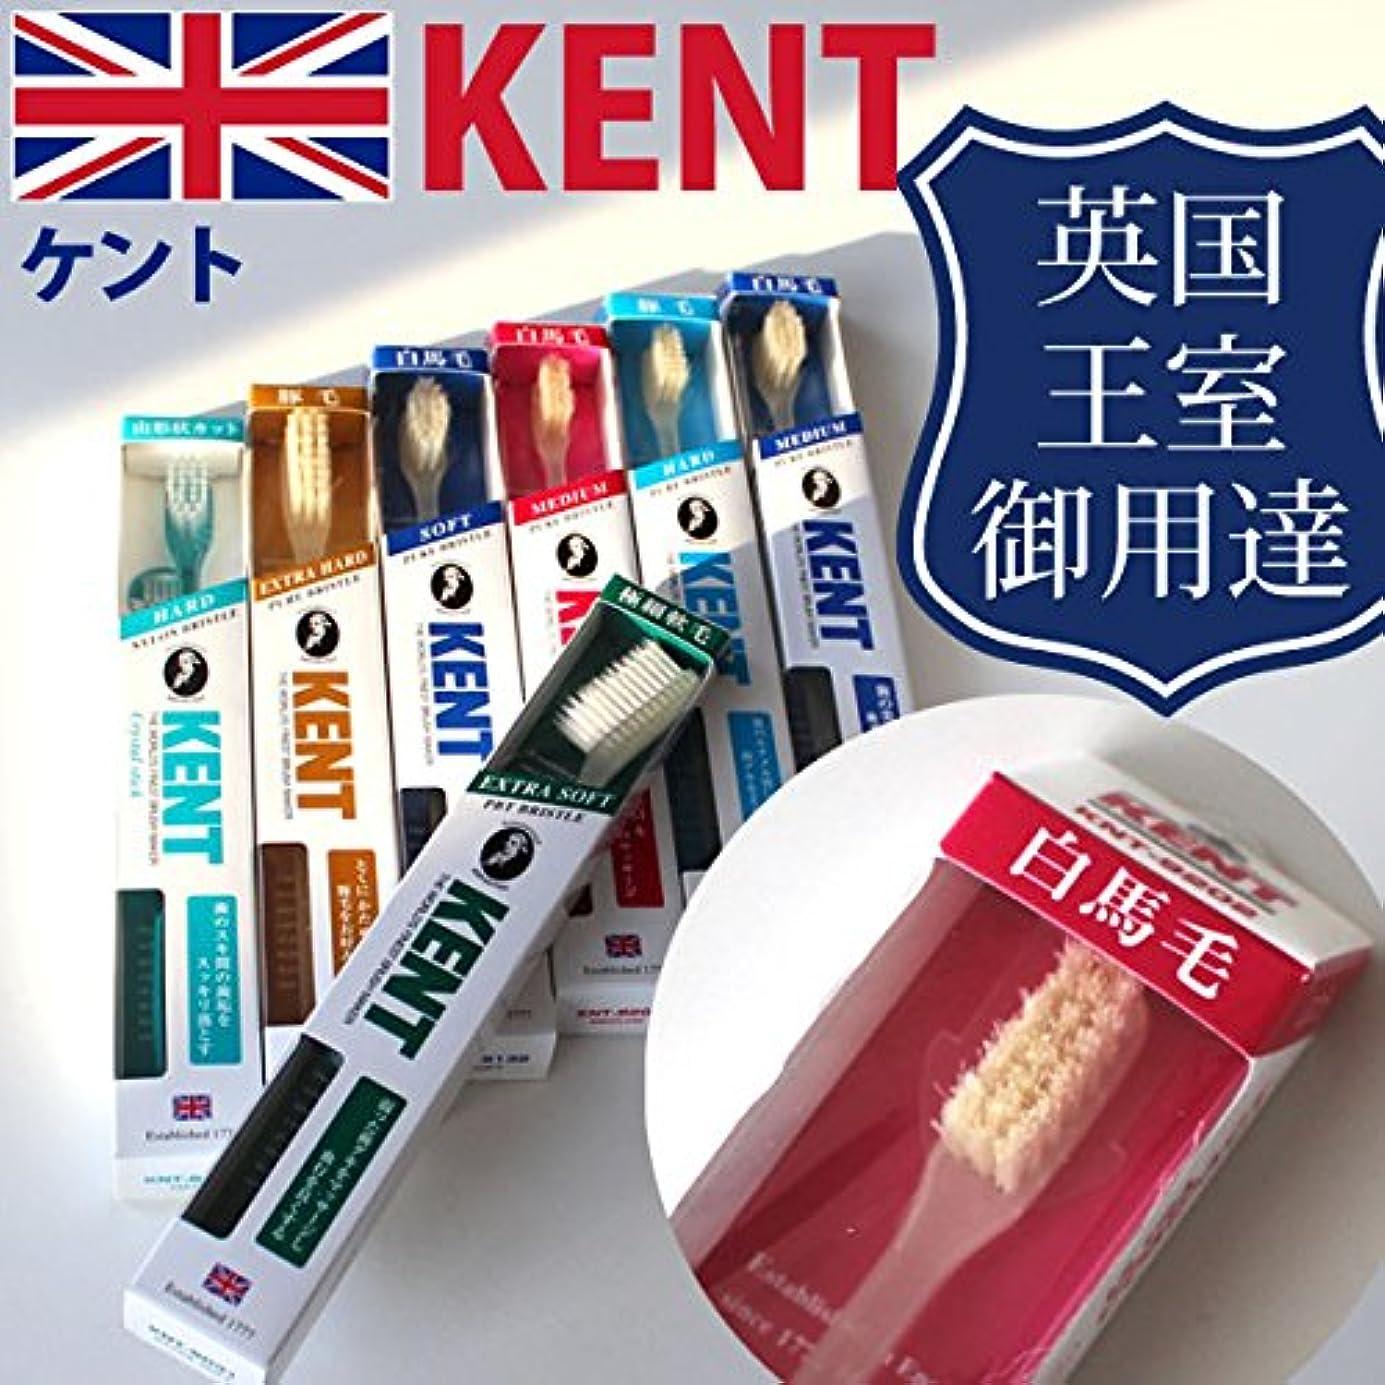 くはげアボートケント KENT 白馬毛 超コンパクト歯ブラシ KNT-9102/9202 6本入り 他のコンパクトヘッドに比べて歯 ふつう